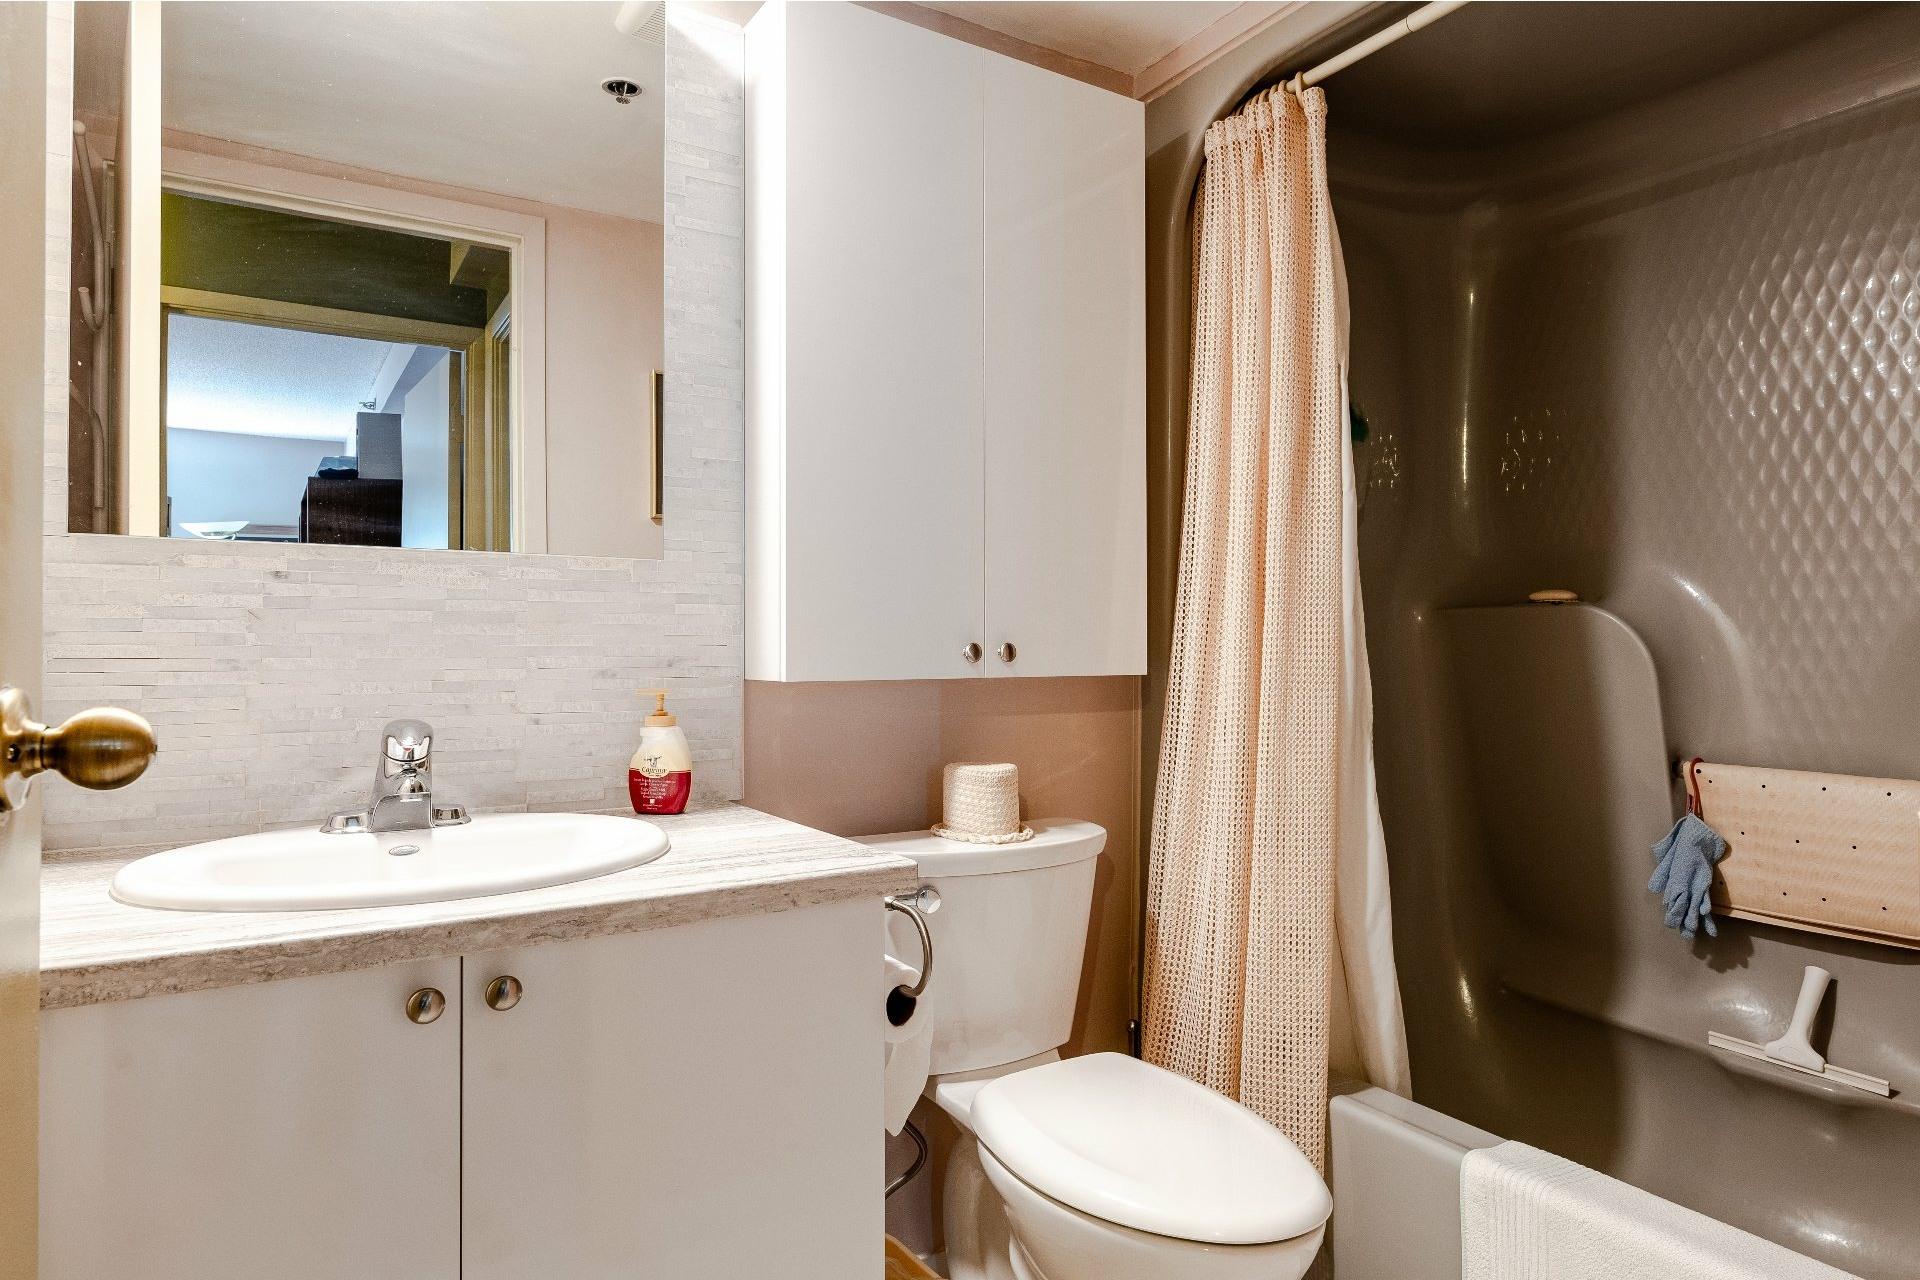 image 13 - Apartment For sale Pierrefonds-Roxboro Montréal  - 5 rooms